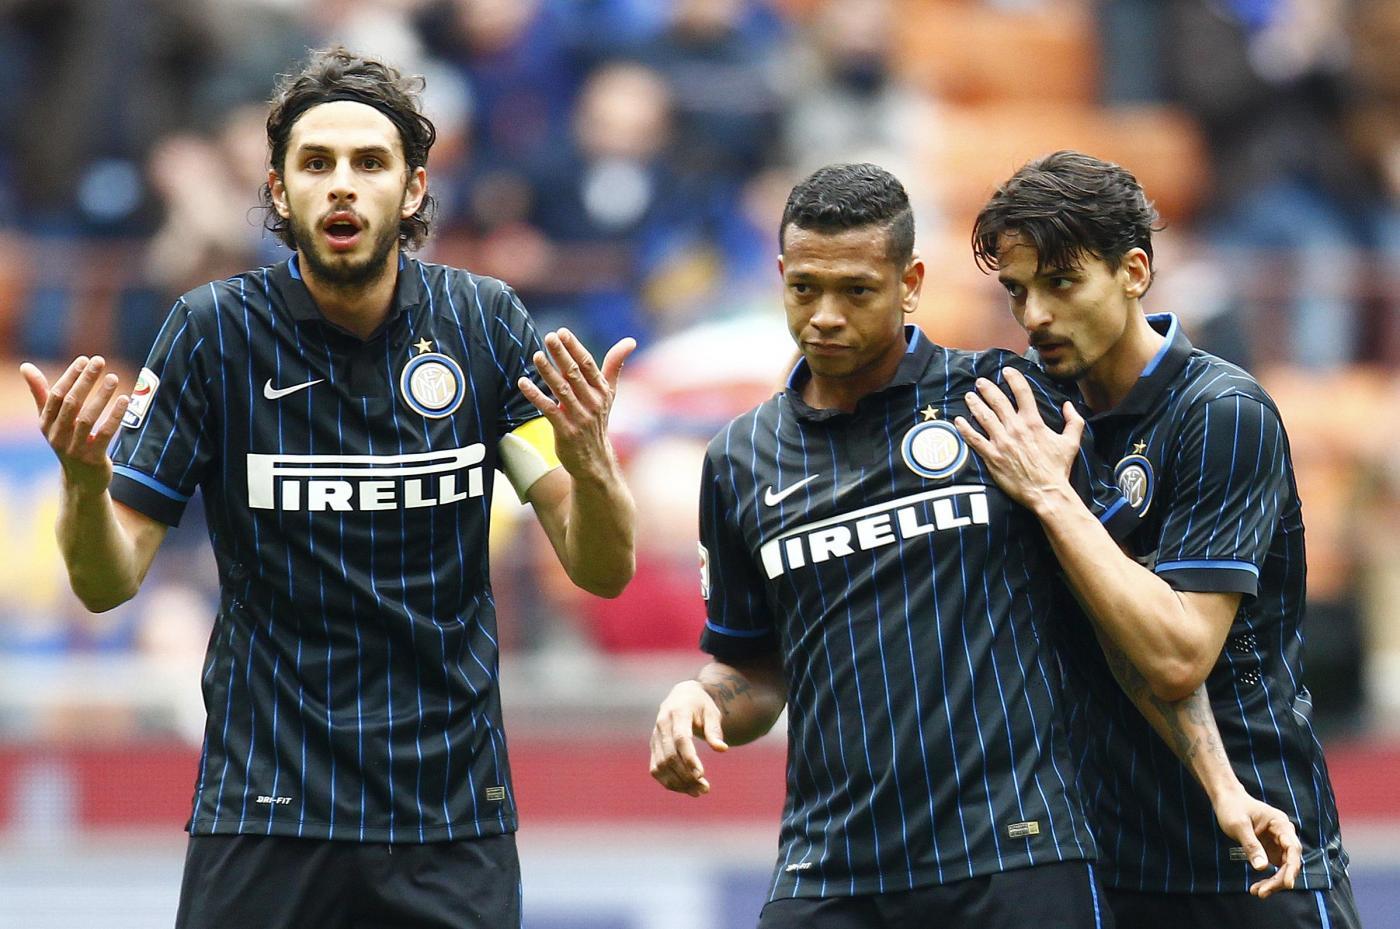 Inter Parma